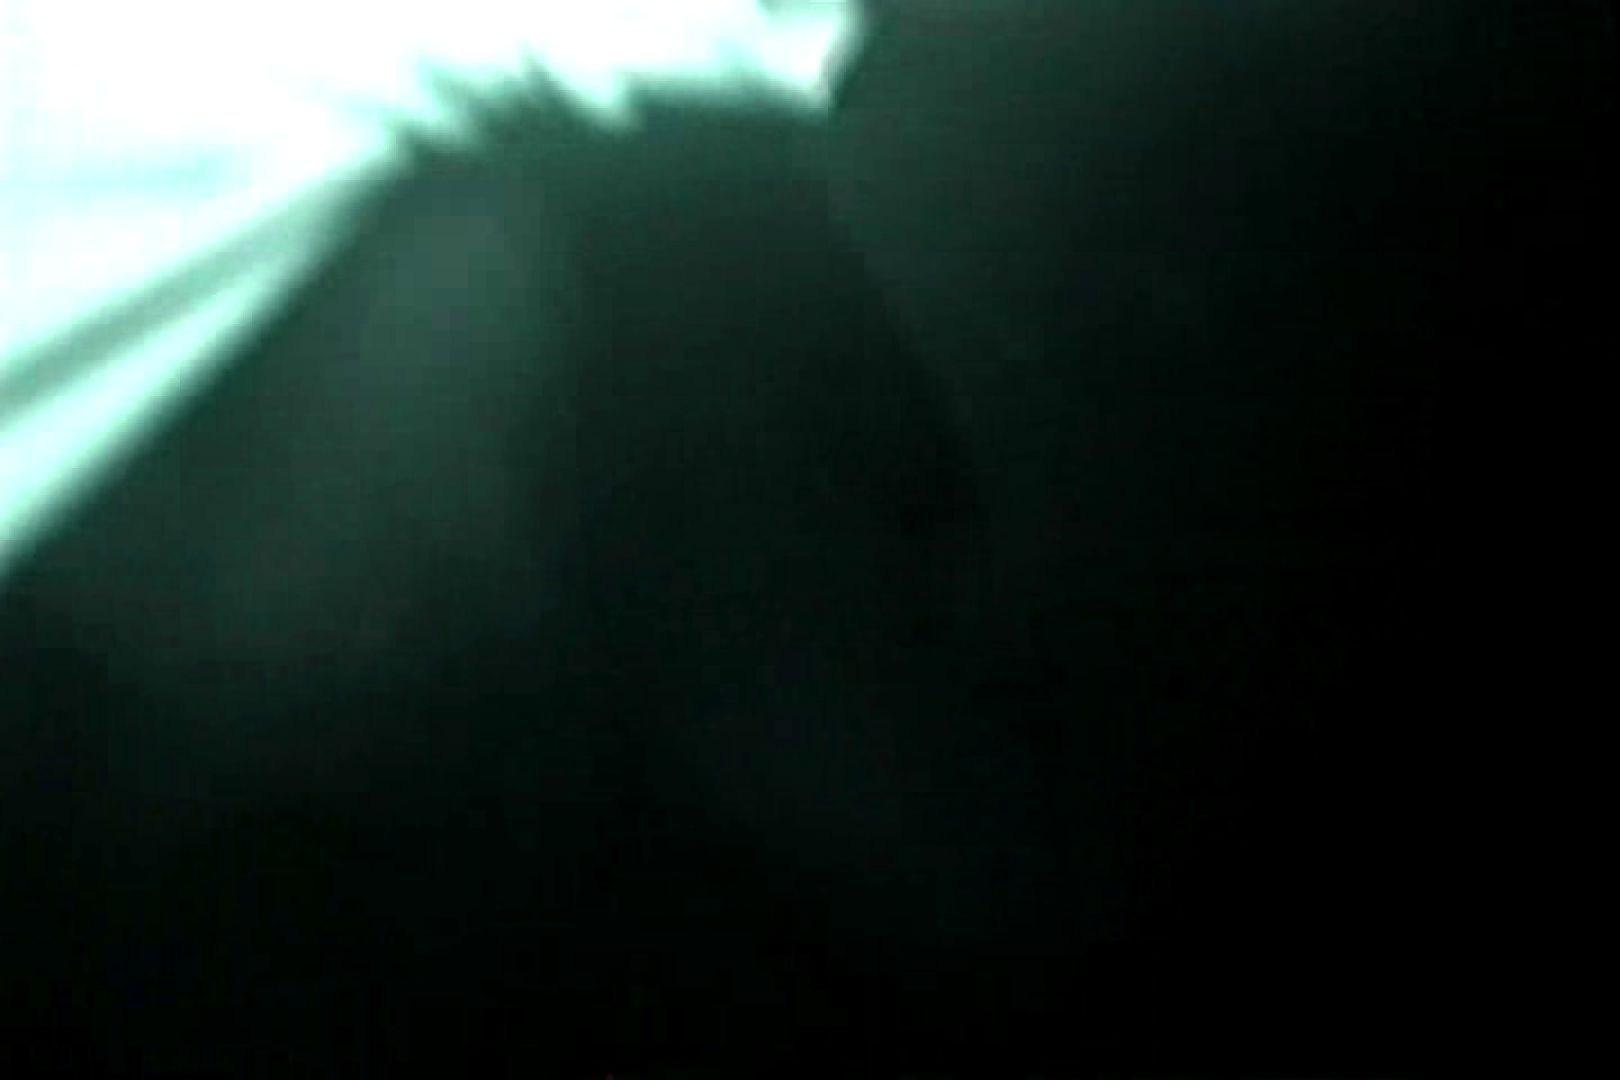 充血監督の深夜の運動会Vol.129 セックス流出映像 オマンコ動画キャプチャ 85連発 85